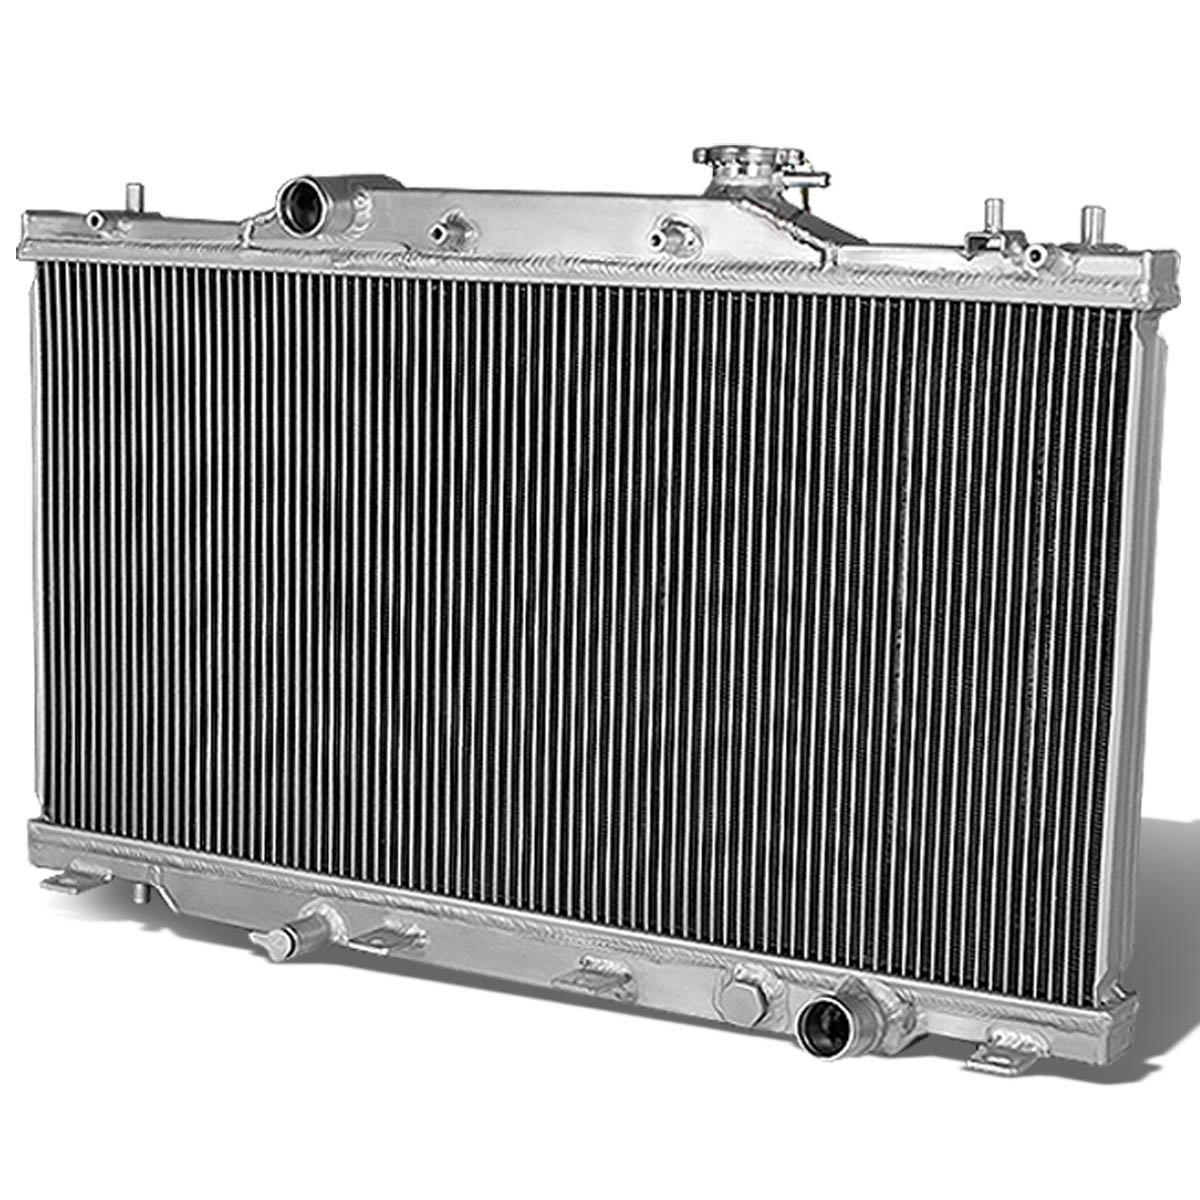 Prime Choice Auto Parts RK927 New Aluminum Radiator